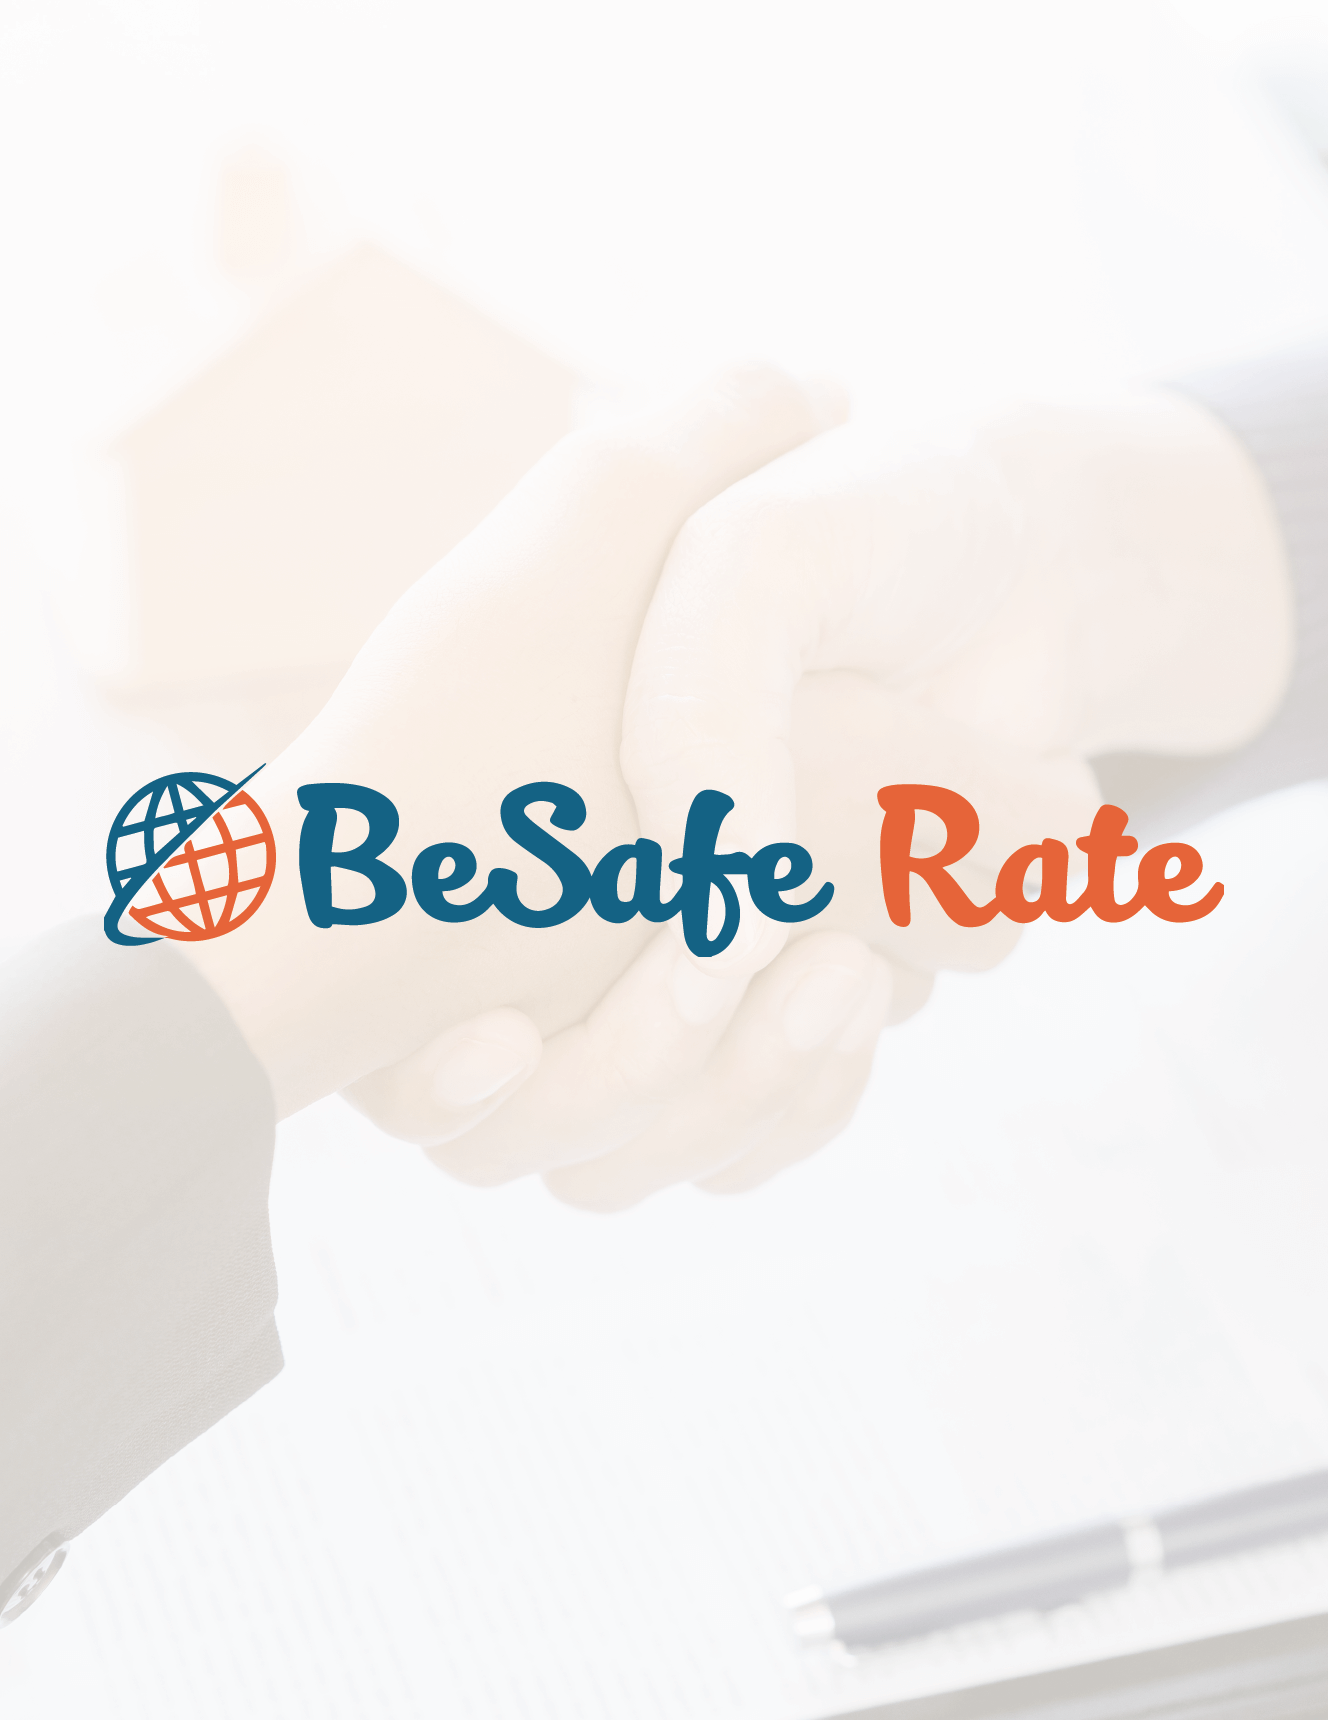 BeSafe Rate soloaffittibrevi solo affitti brevi box partner azienda chi siamo